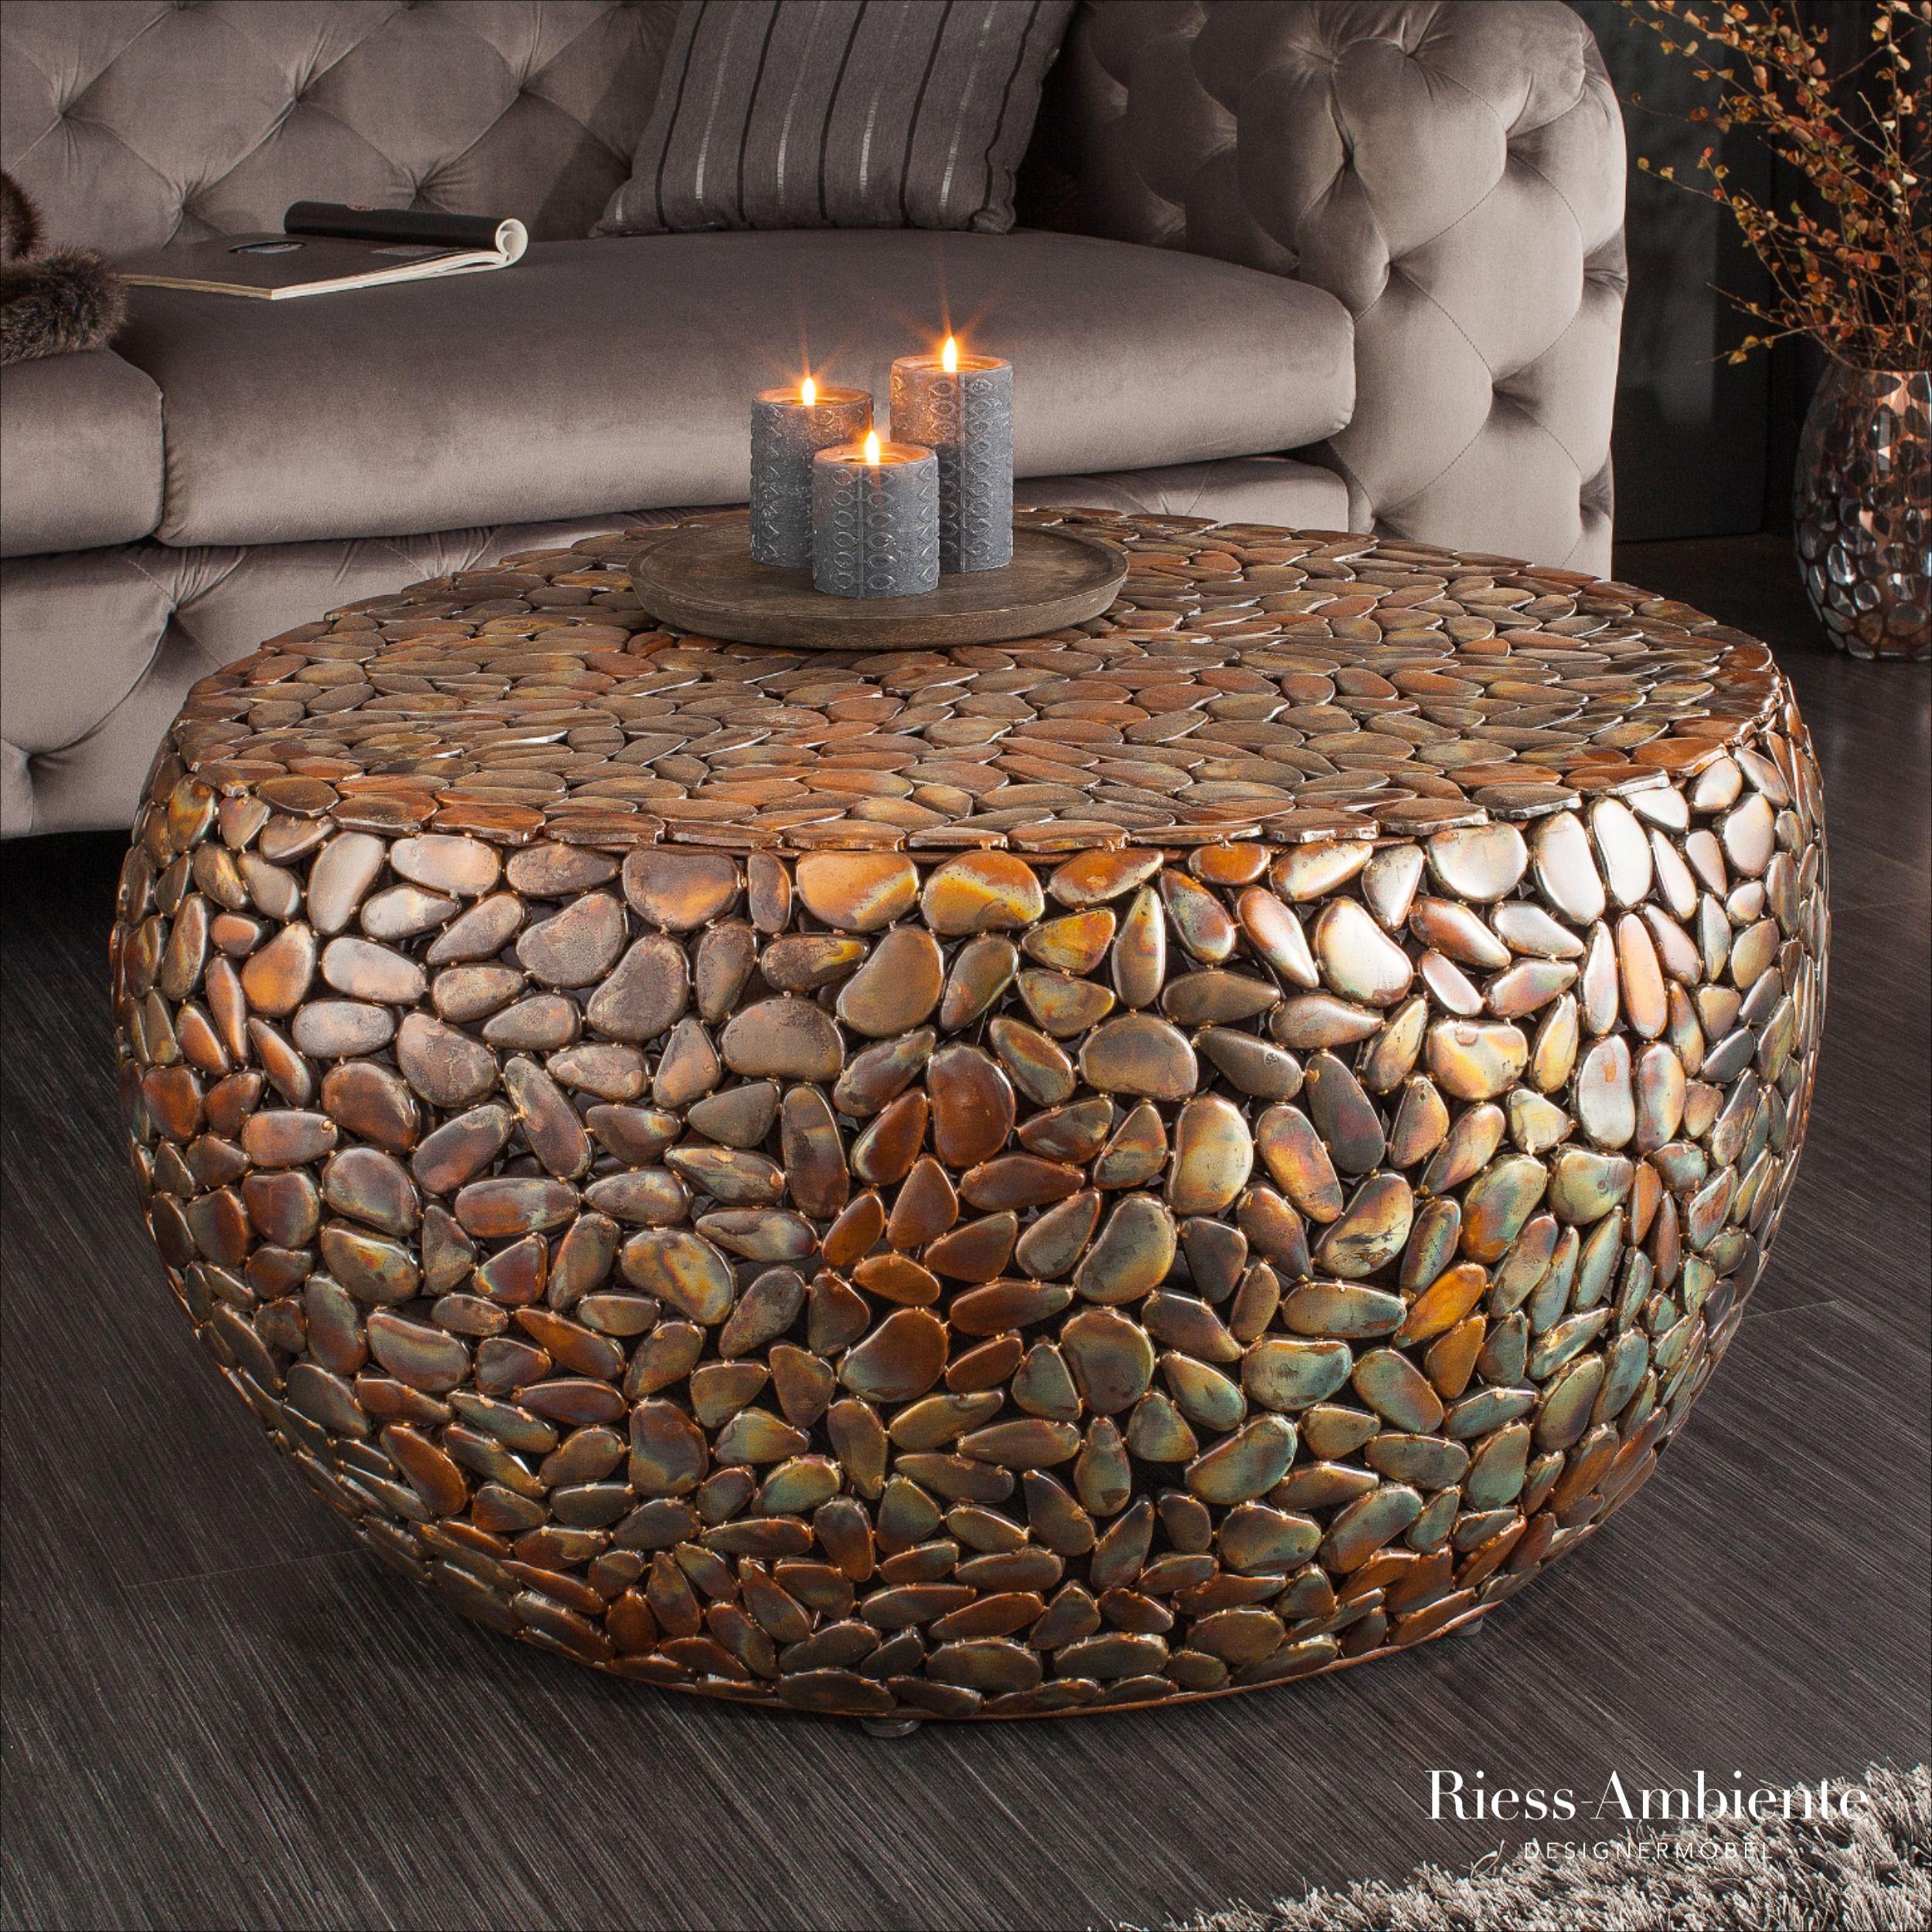 Extravaganter Couchtisch Stone Mosaic 85cm Kupfer Handarbeit Mosaik Optik Riess Ambiente De In 2020 Mosaiksteine Kupfer Couchtisch Couchtisch